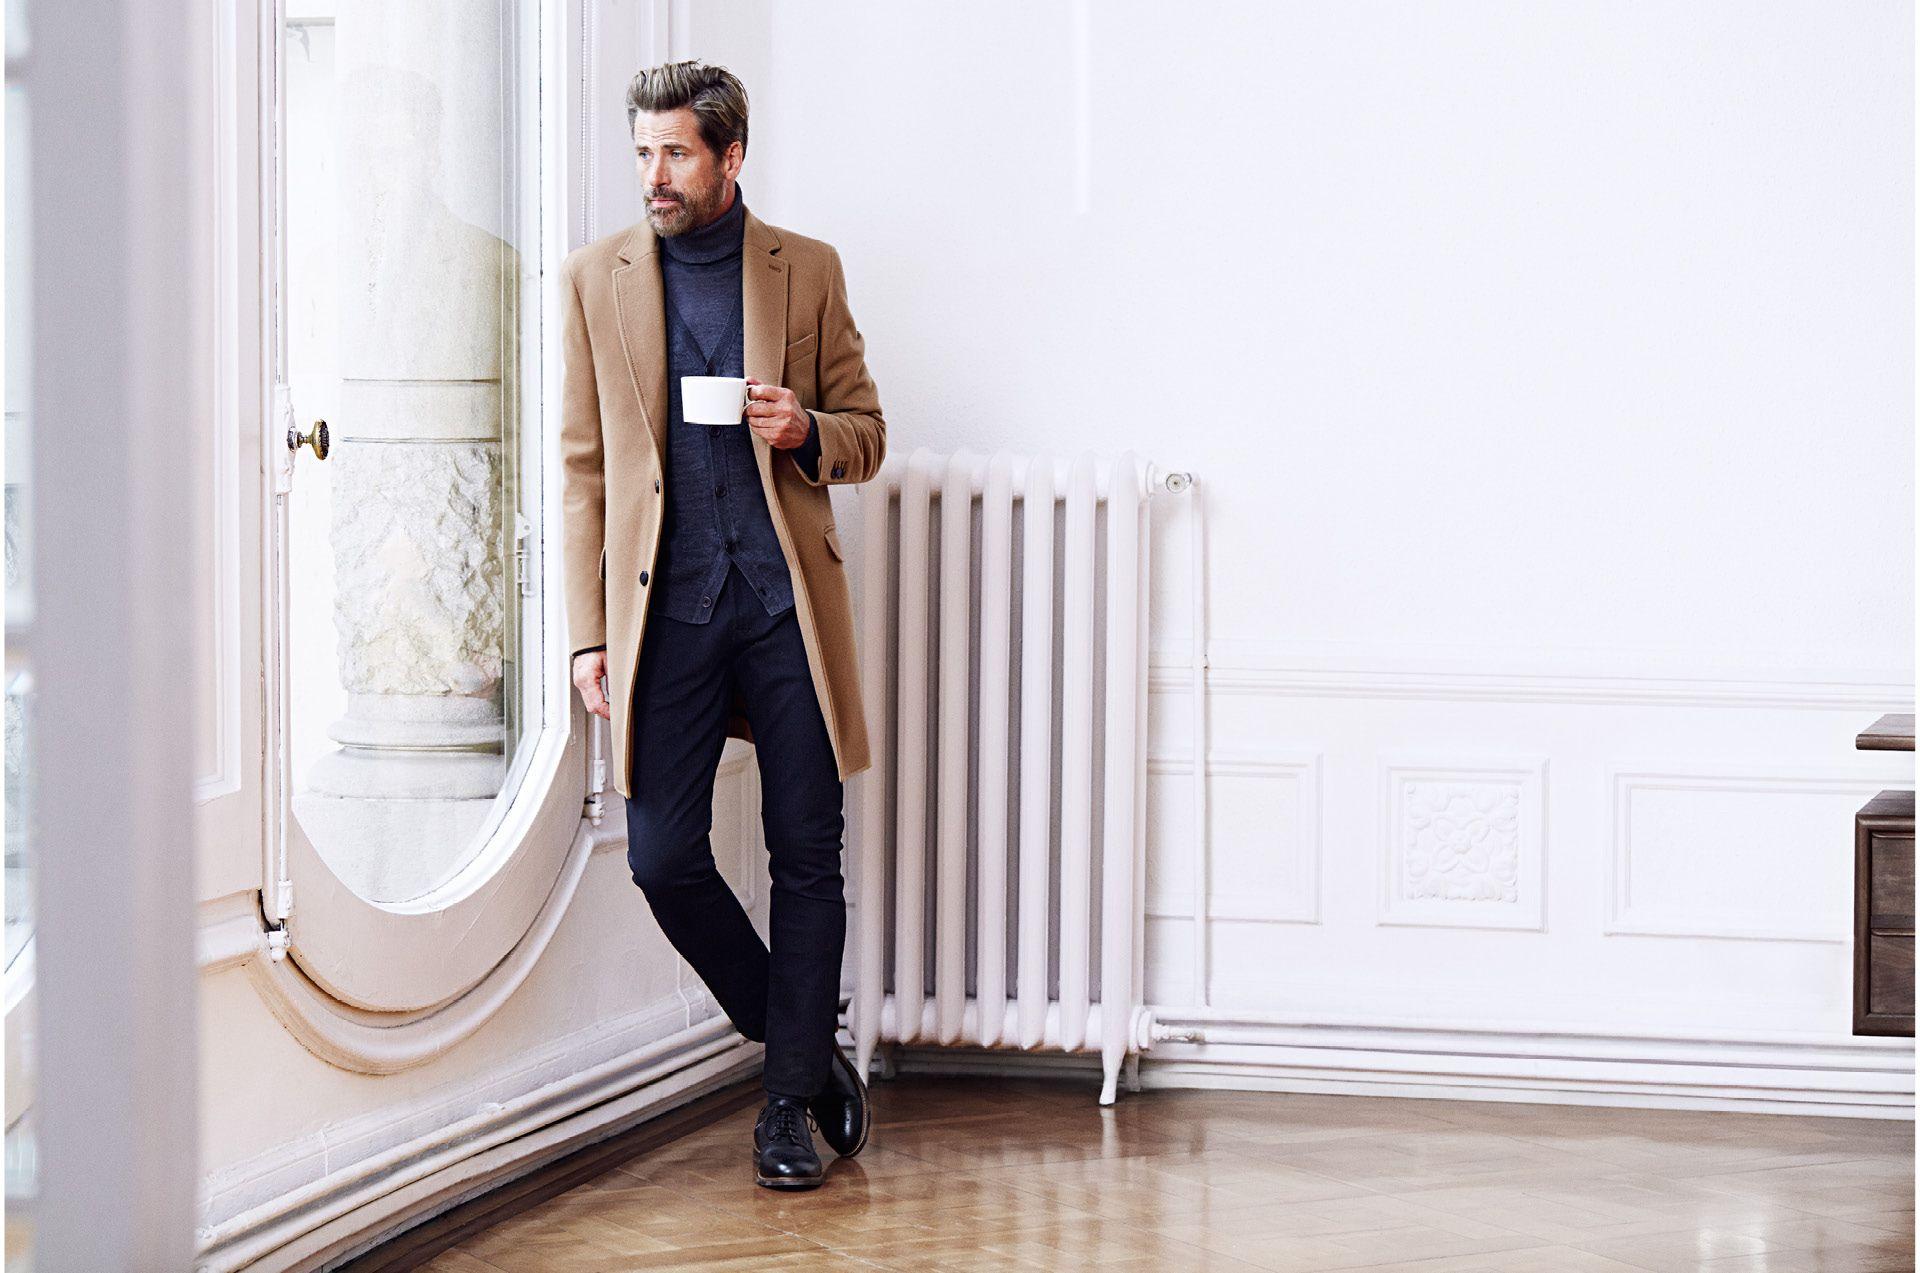 Mens jacket camel - He By Mango A W14 Urban Suiting Menswear Lookbook Allthingsmenswear Camel Coatgentleman